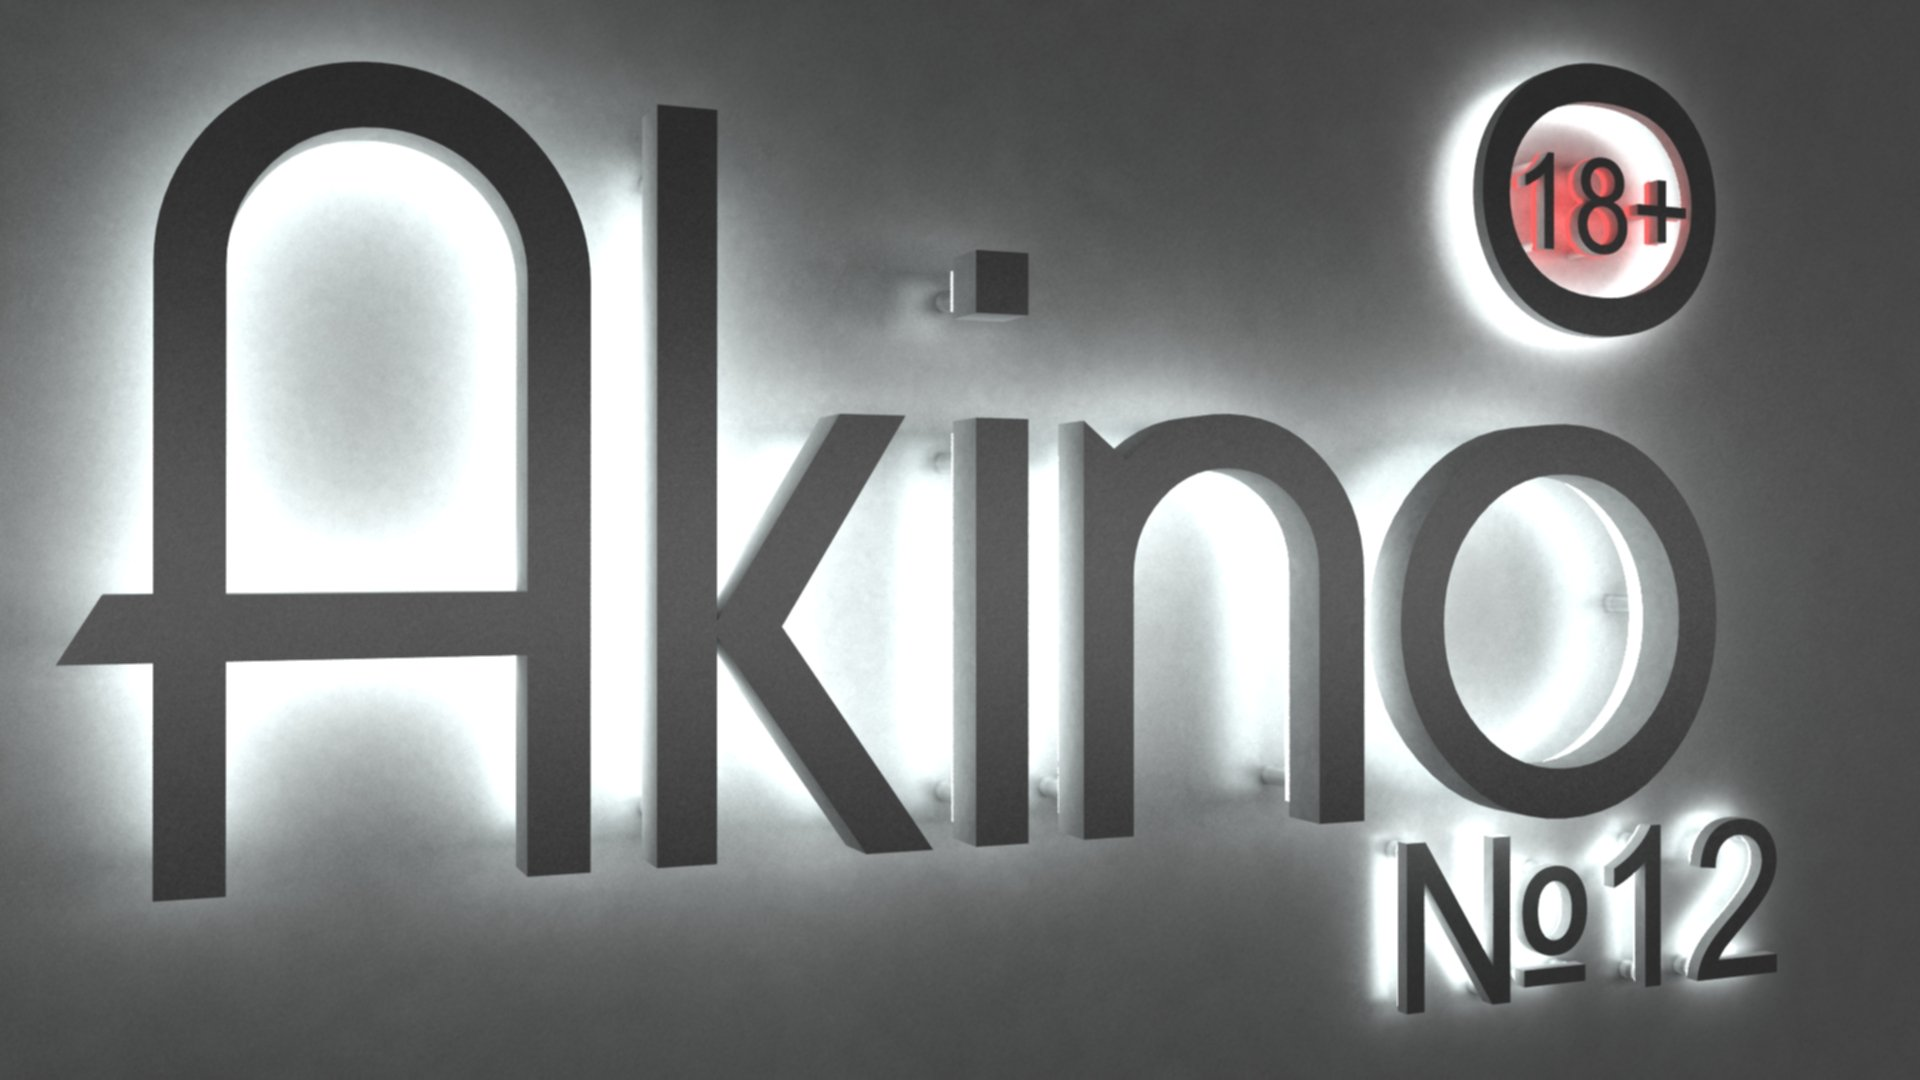 Подкаст AkiNO Выпуск № 12 (18+). - Изображение 1